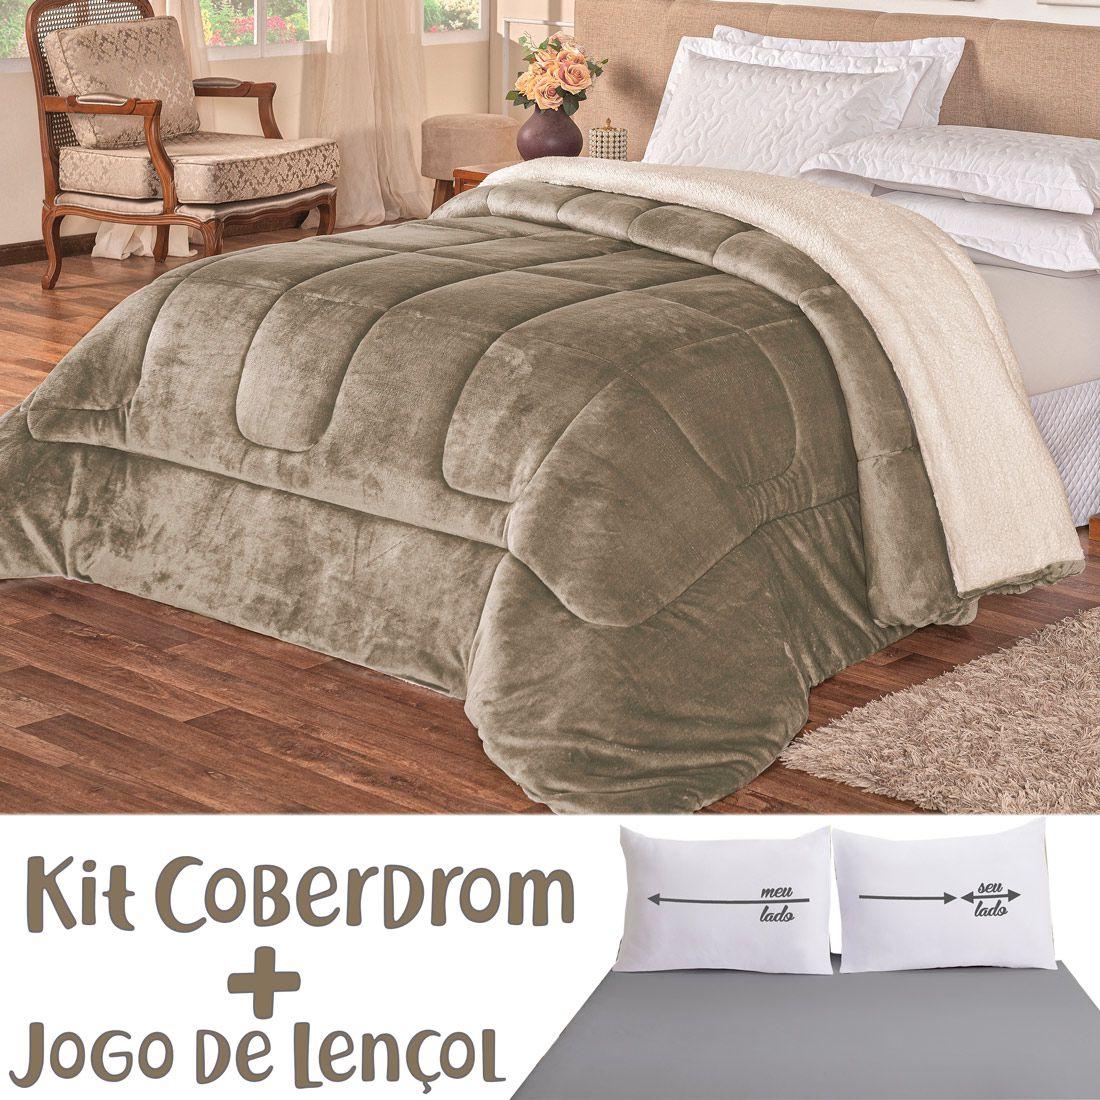 Kit Coberdrom c/ Jogo de Lençol Lado a Lado Dupla Face Caqui/Cinza Queen 04 Peças - Tecido Sherpa e Manta Microfibra c/ Lençol em Malha